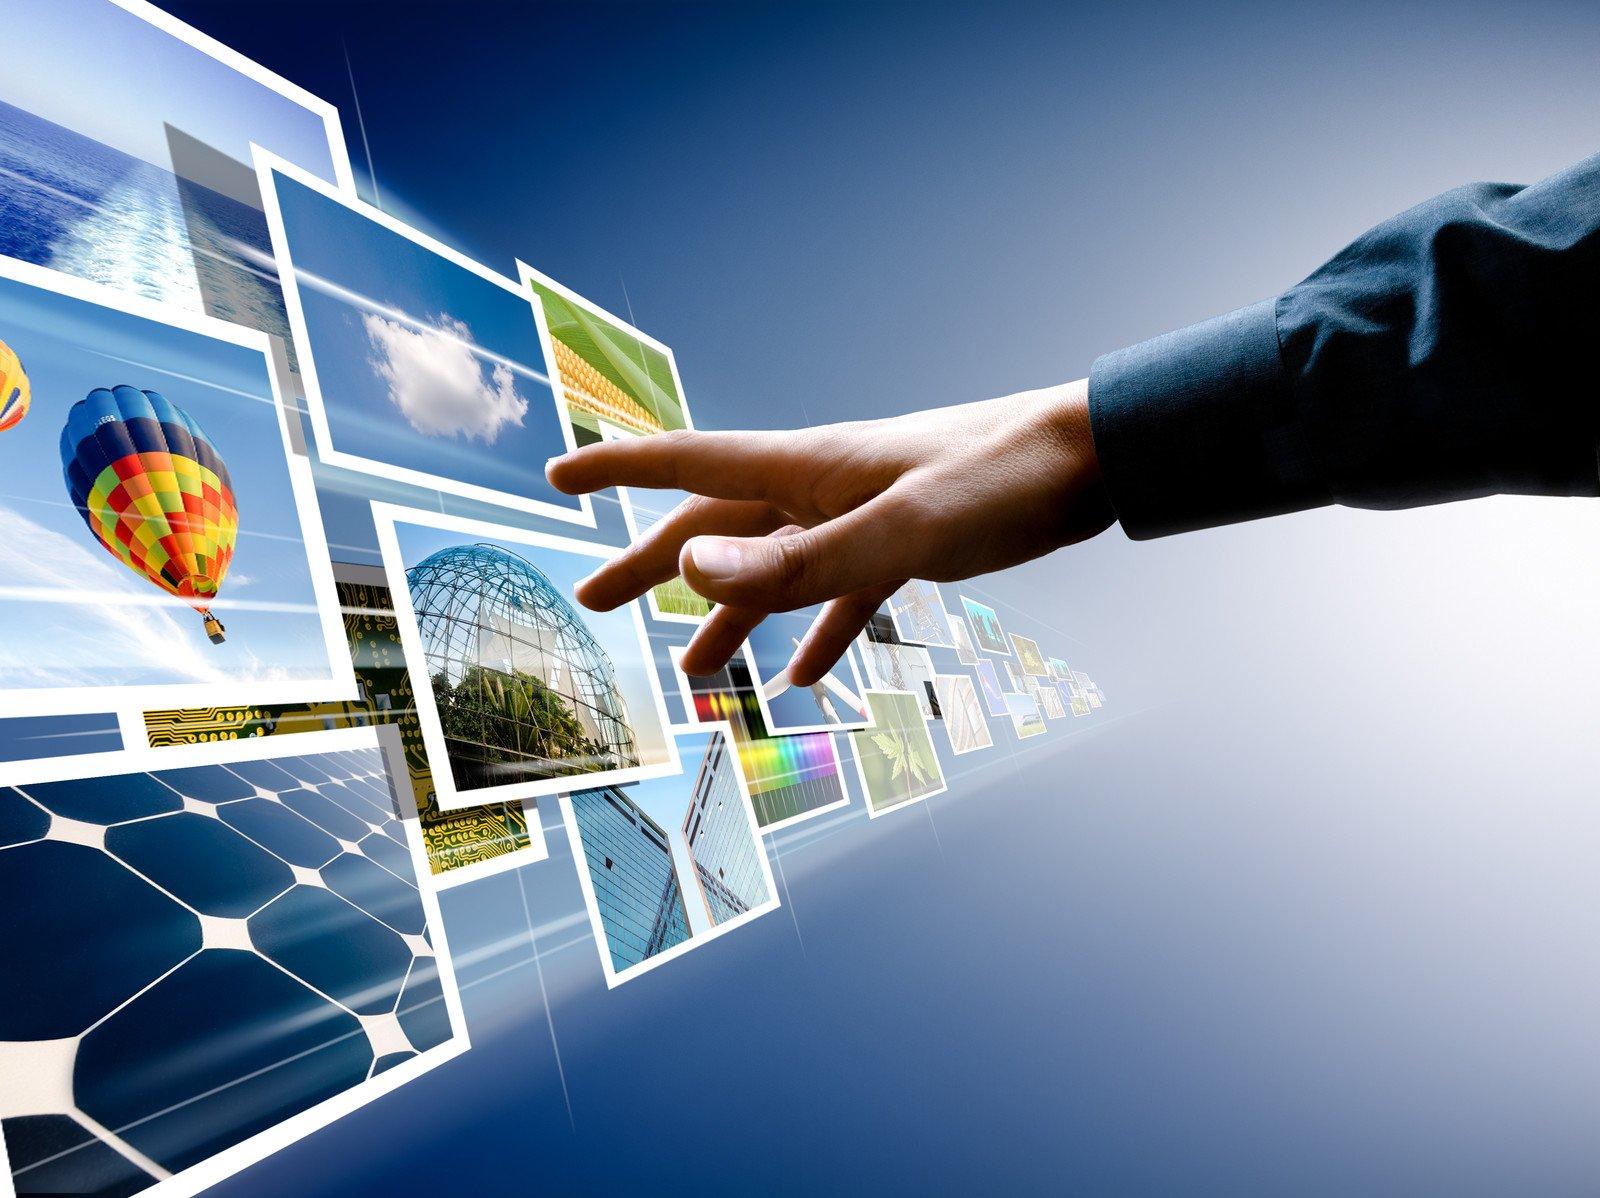 ВРунете на86% снизилось количество интернет-ресурсов сагрессивной рекламой